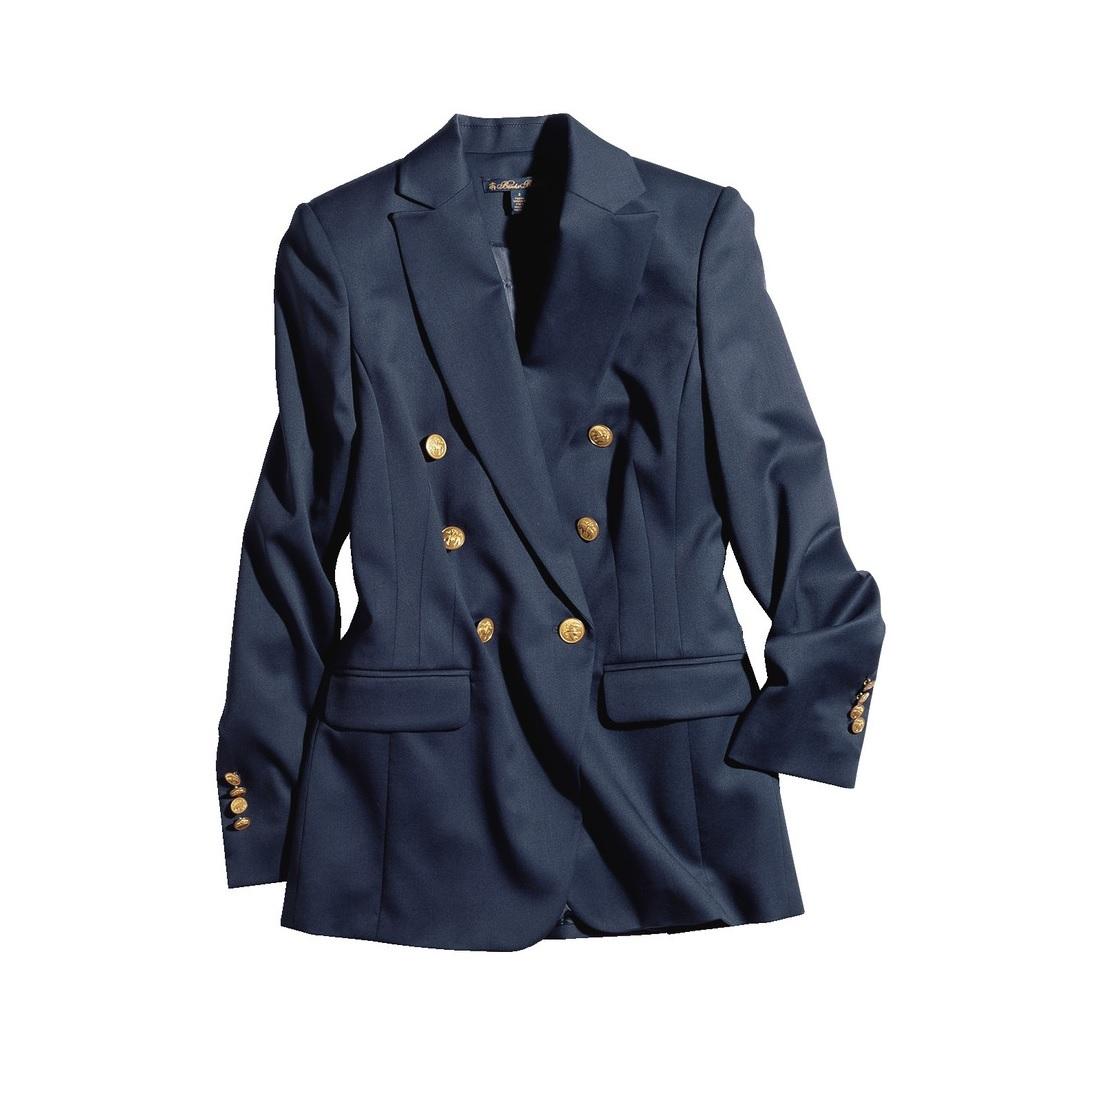 ファッション ブルックス ブラザーズのジャケット